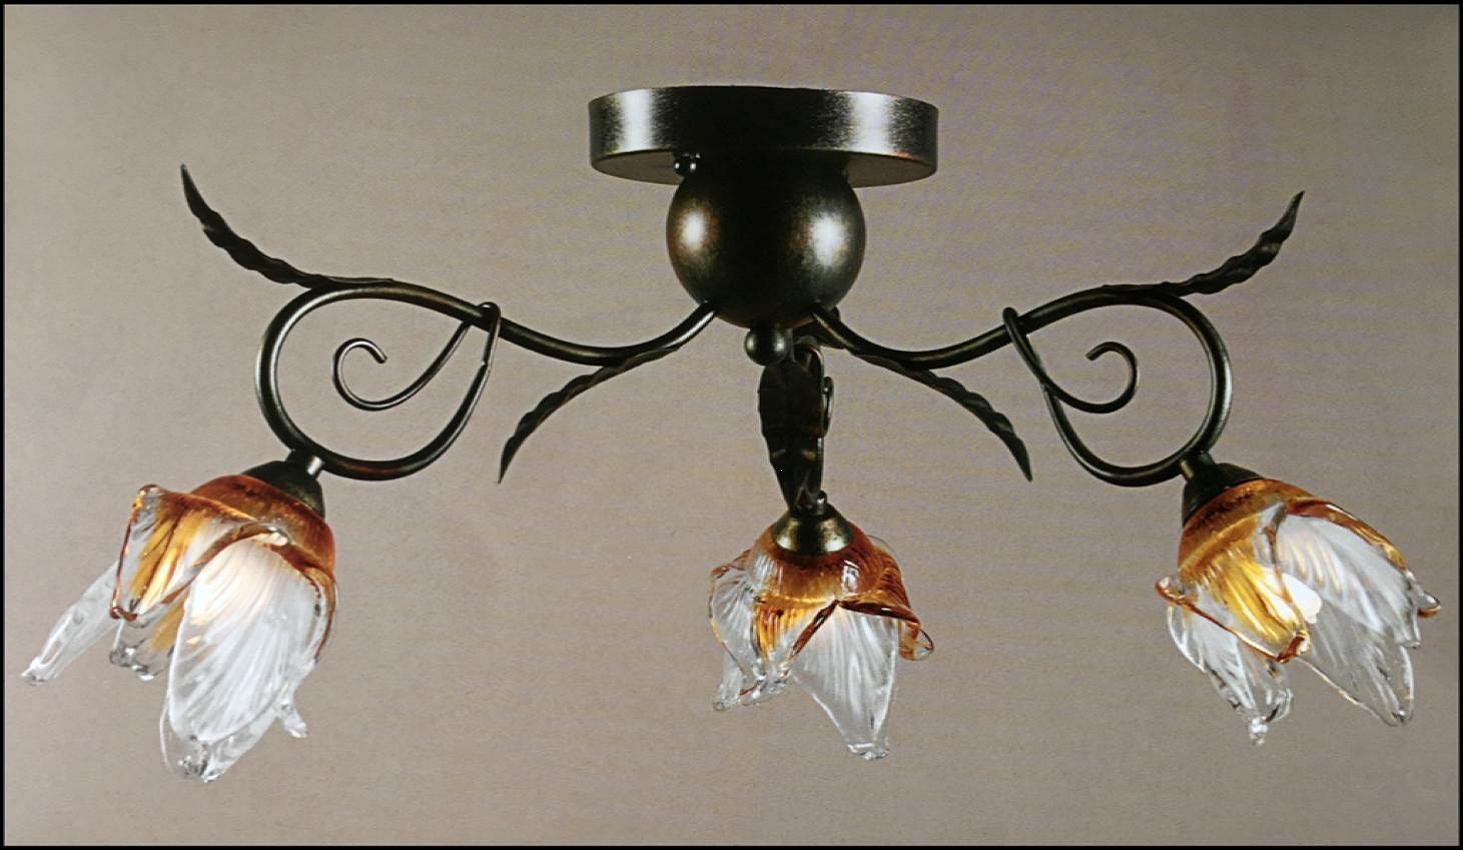 Plafoniera Fiori : Plafoniera anticata 3 luci con fiore vetro soffiato ambra trasparente